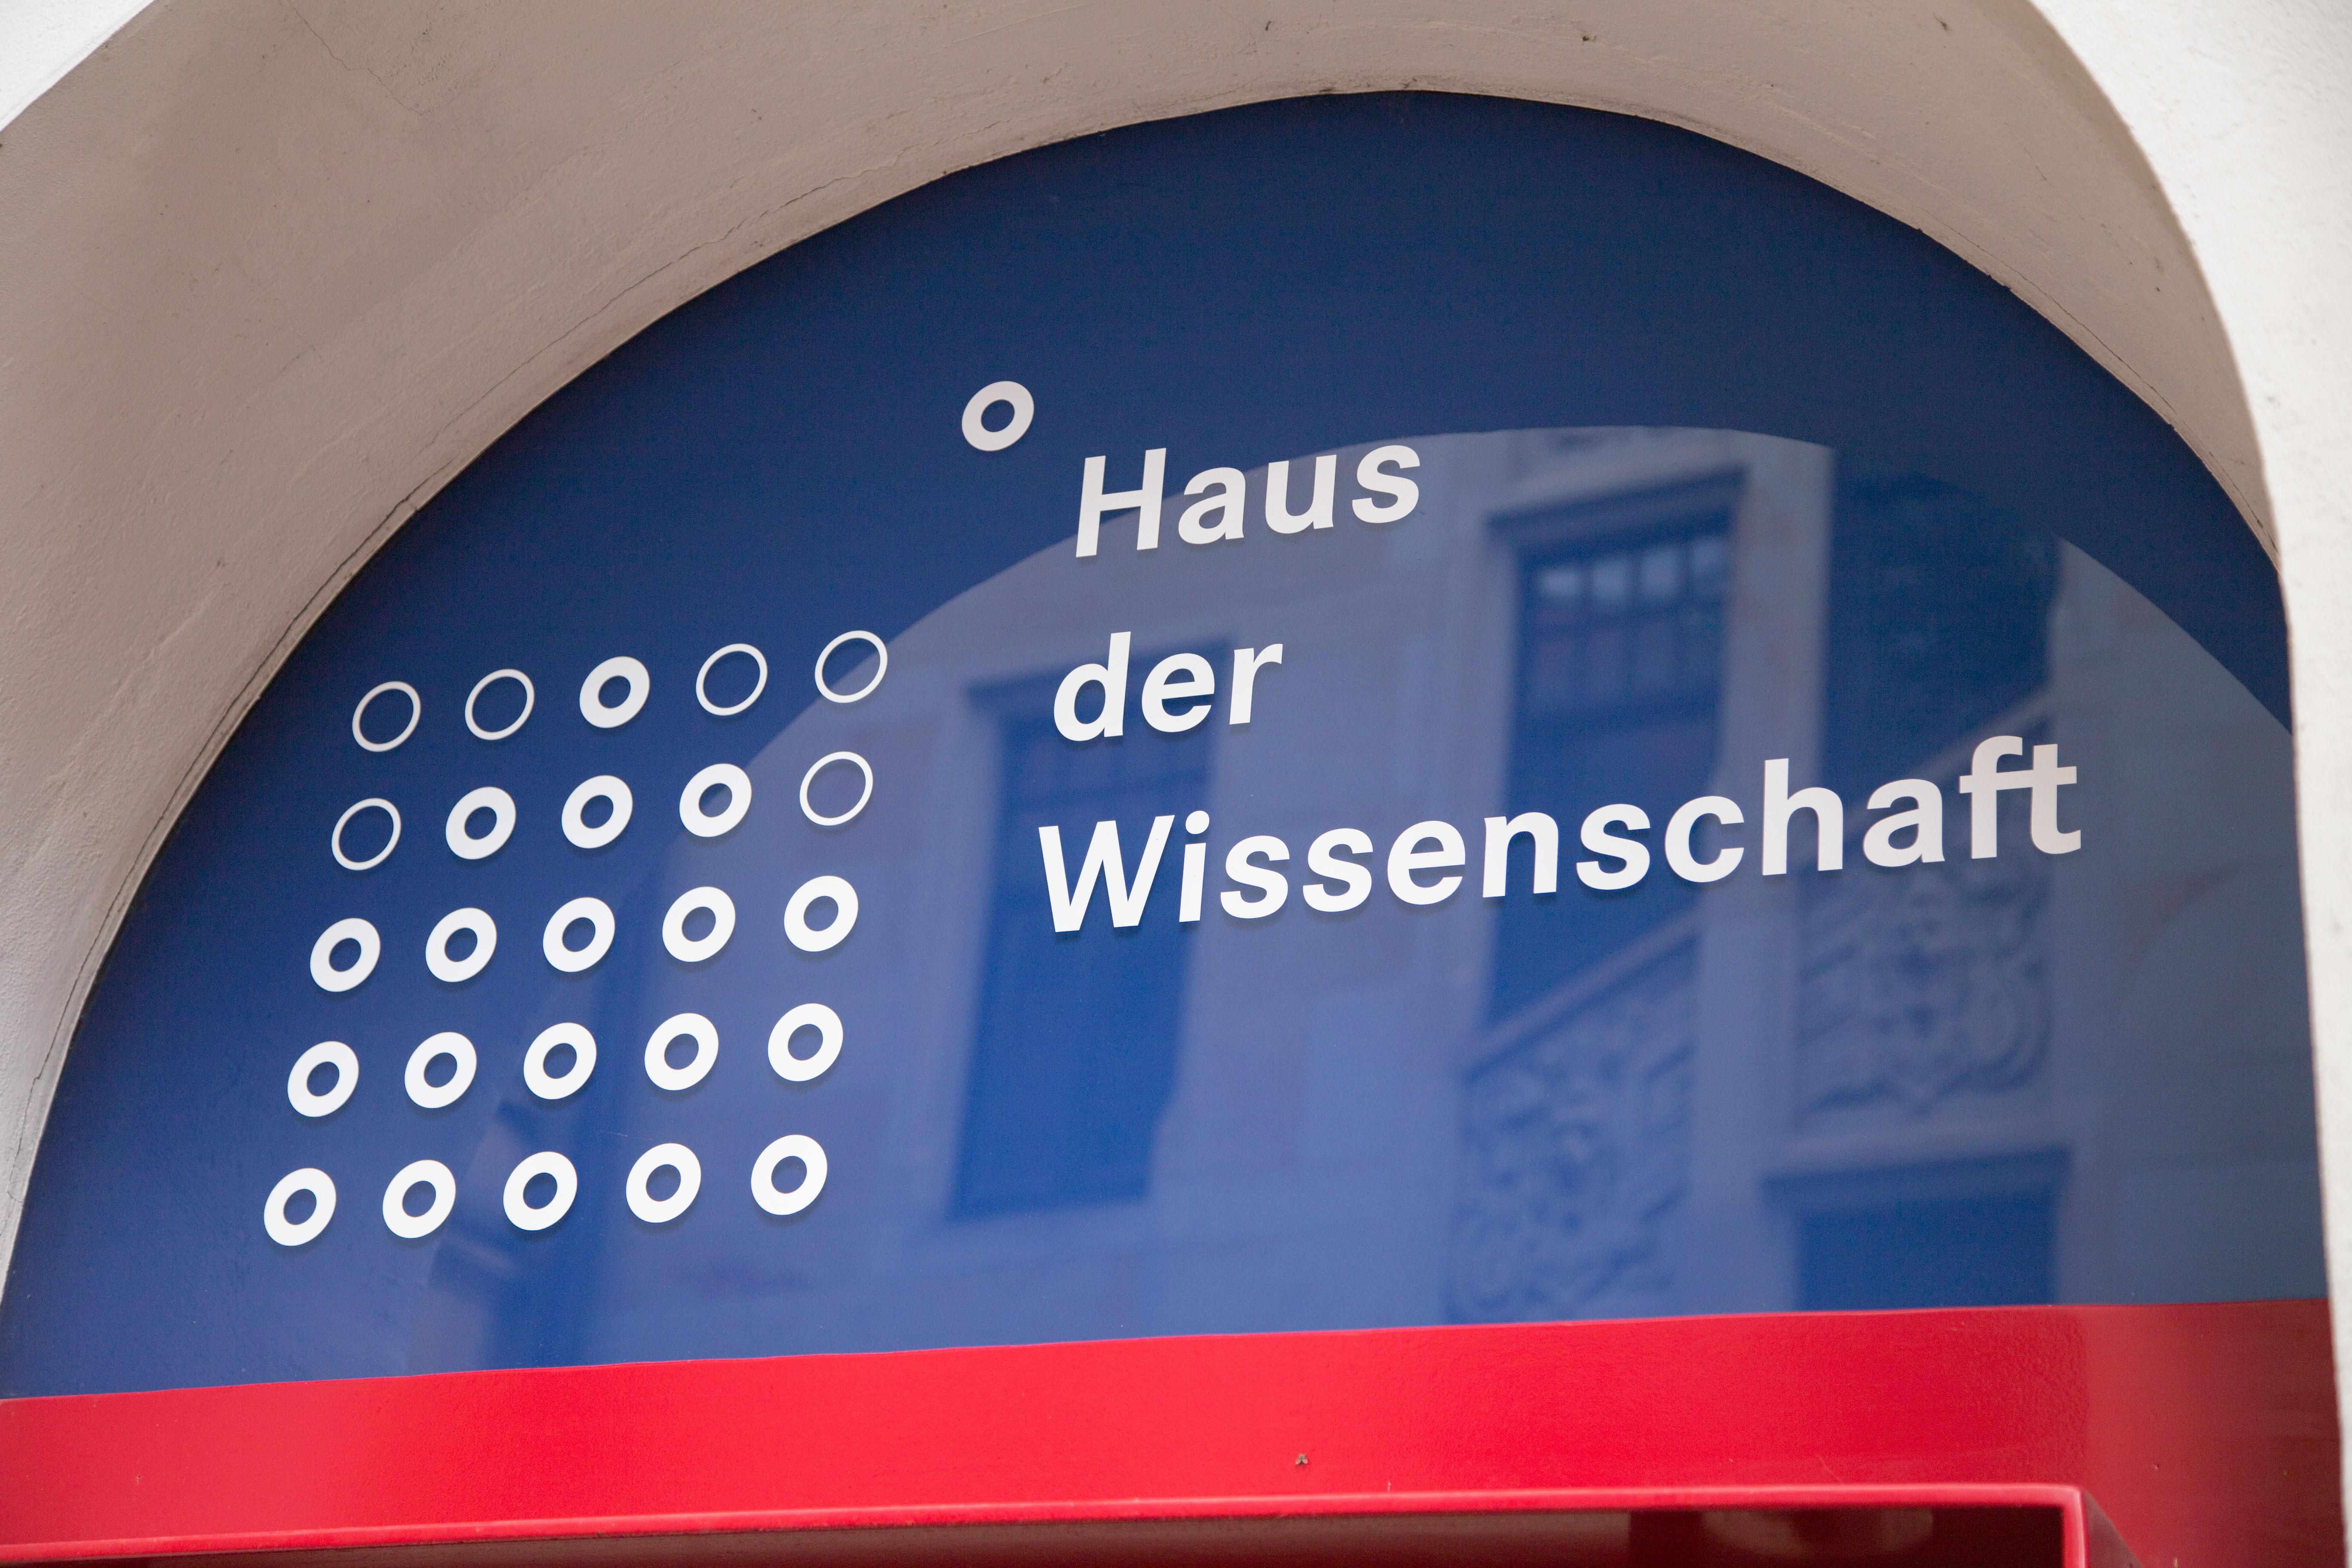 Auf diesem Bild ist das Logo des Hauses der Wissenschaft über dem Eingangsbereich zu sehen.